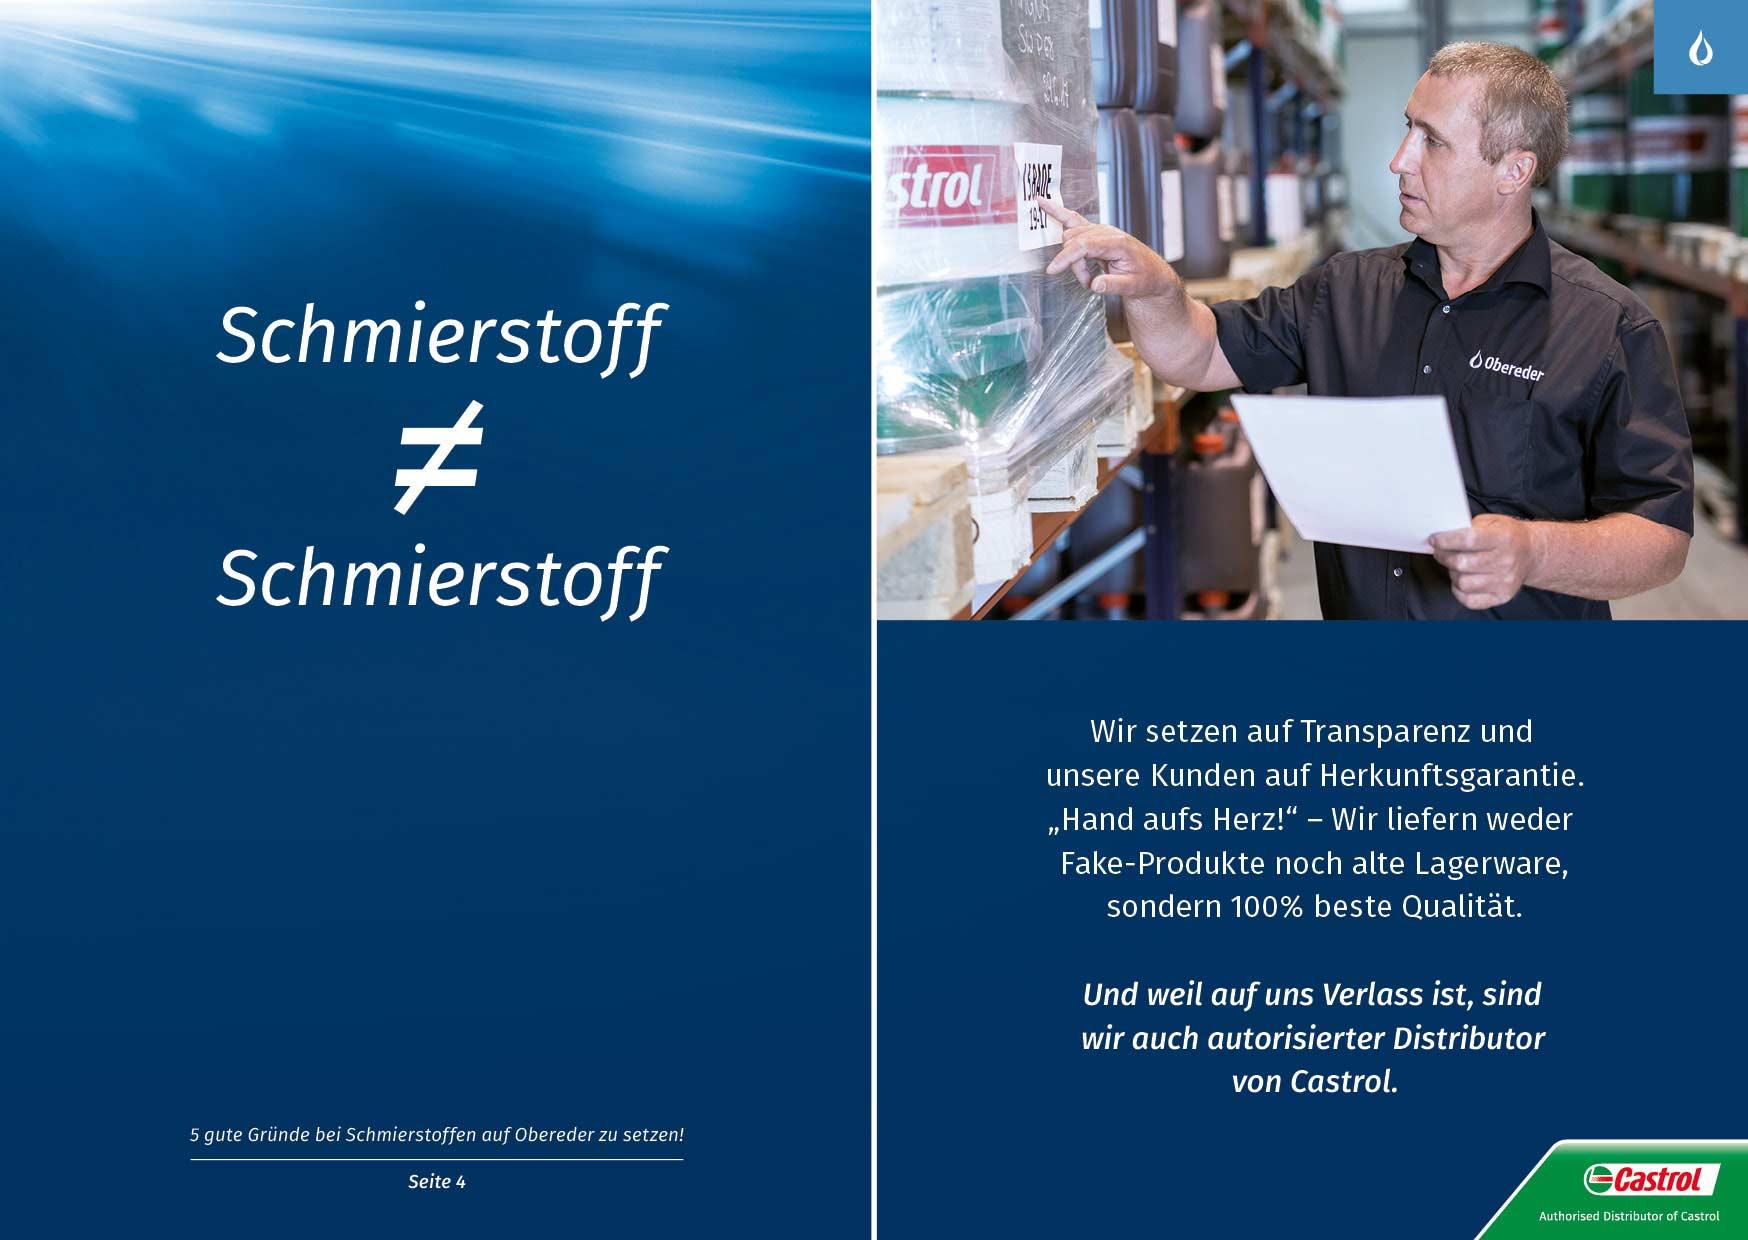 heft-schmierstoffe-obereder-gmbh-designkitchen-3.jpg